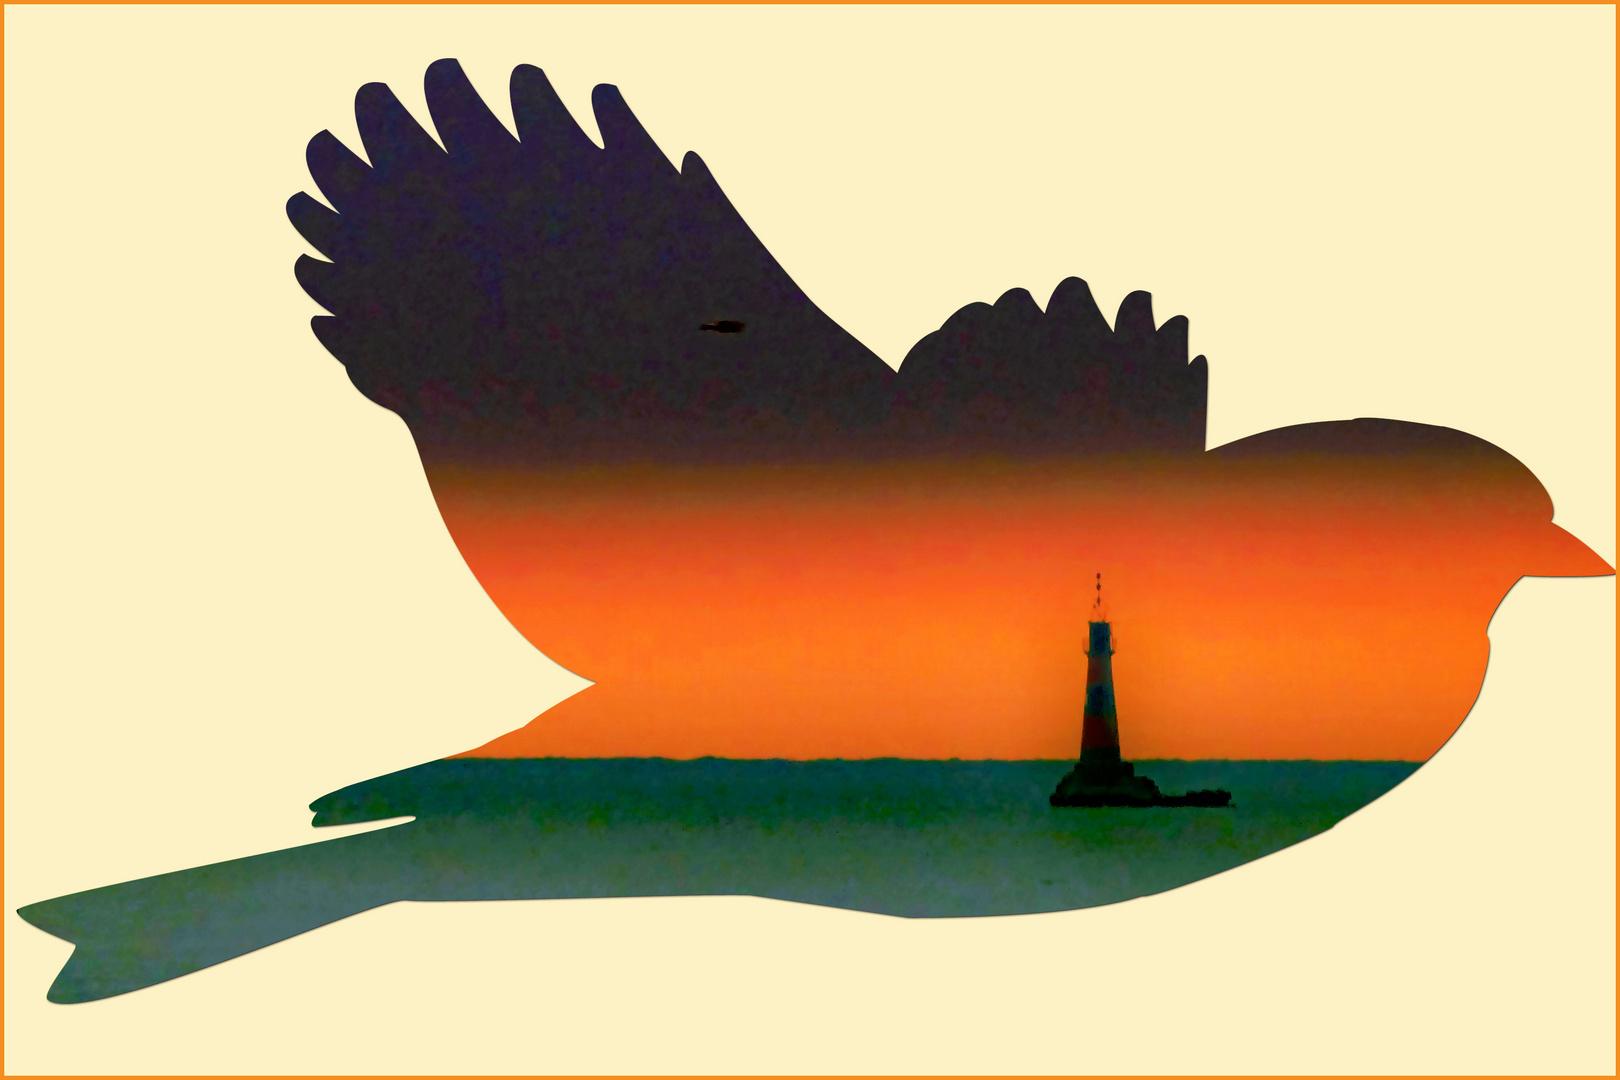 la colombe de la paix ....